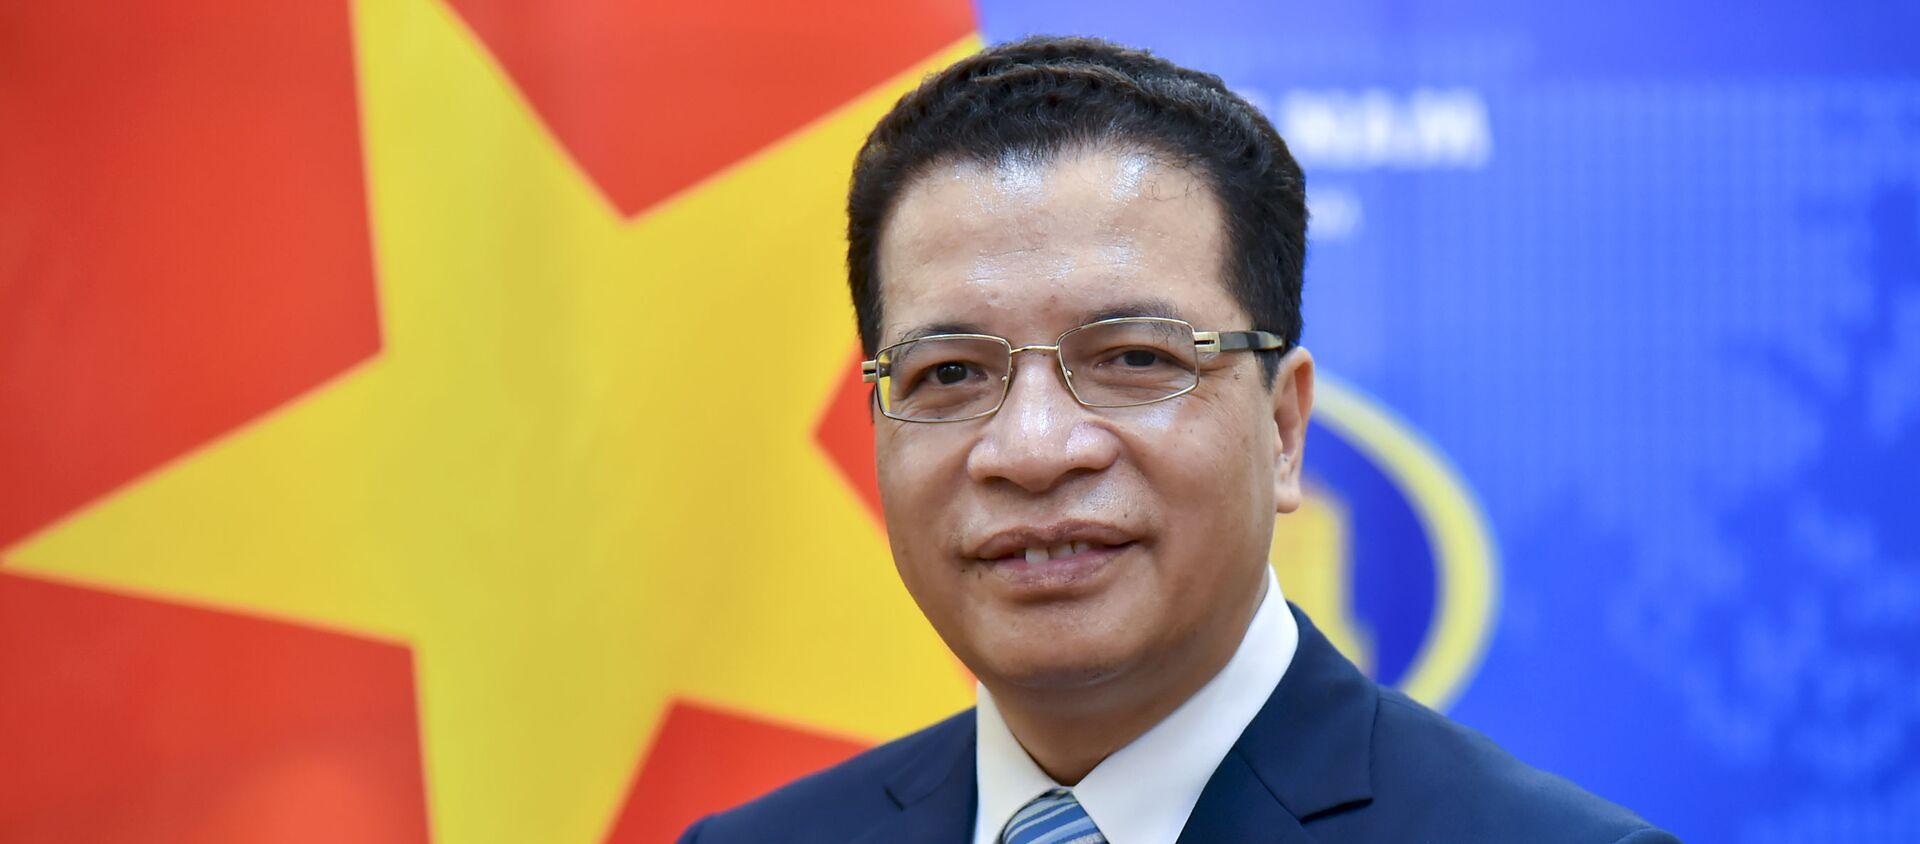 Thứ trưởng Bộ Ngoại giao Đặng Minh Khôi lên đường đảm nhận cương vị Đại sứ Nước CHXHCN Việt Nam tại Liên bang Nga nhiệm kỳ 2021 - 2024. - Sputnik Việt Nam, 1920, 23.08.2021